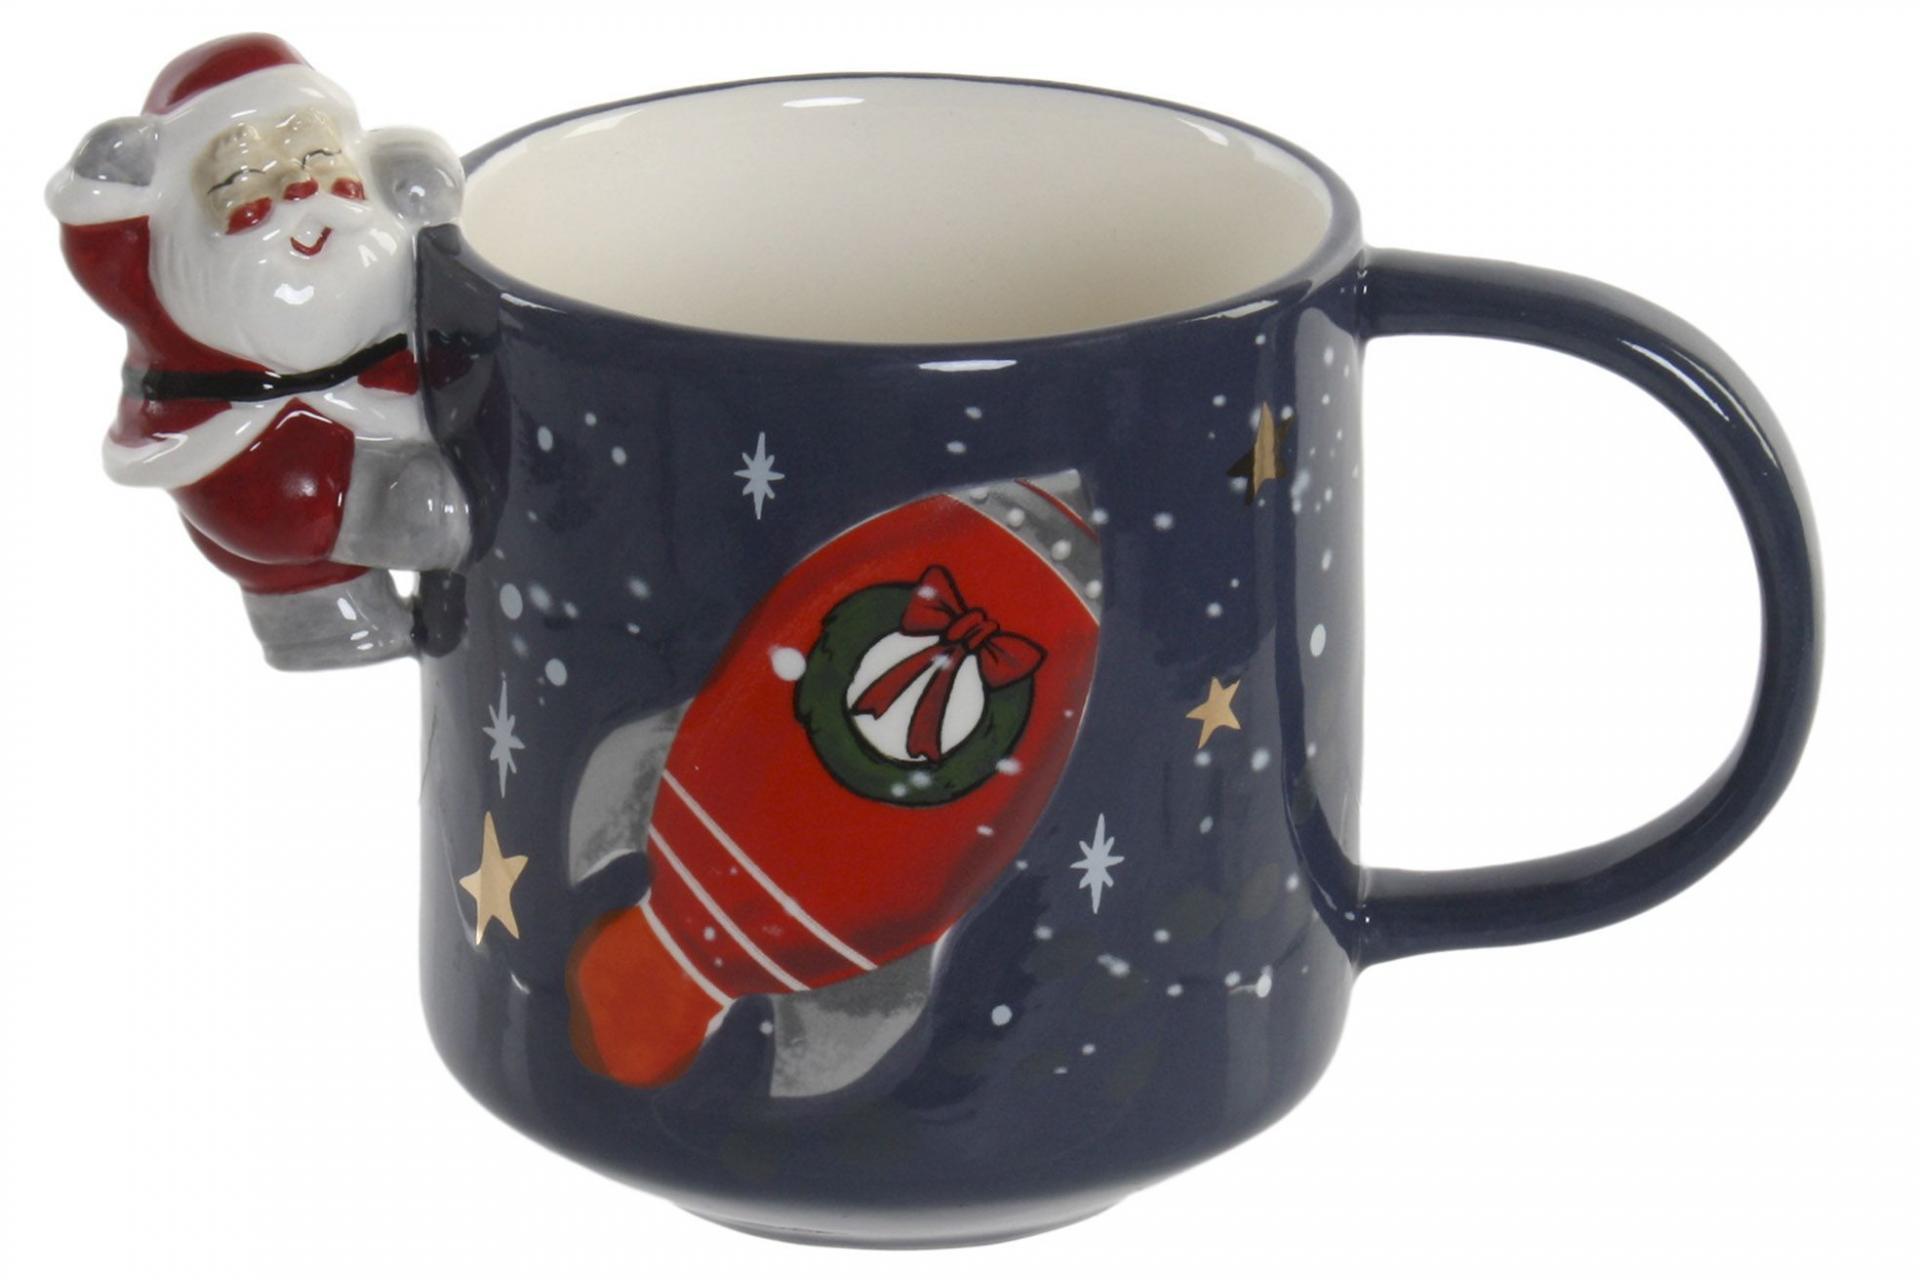 Taza Navideña con Santa Claus Relieve